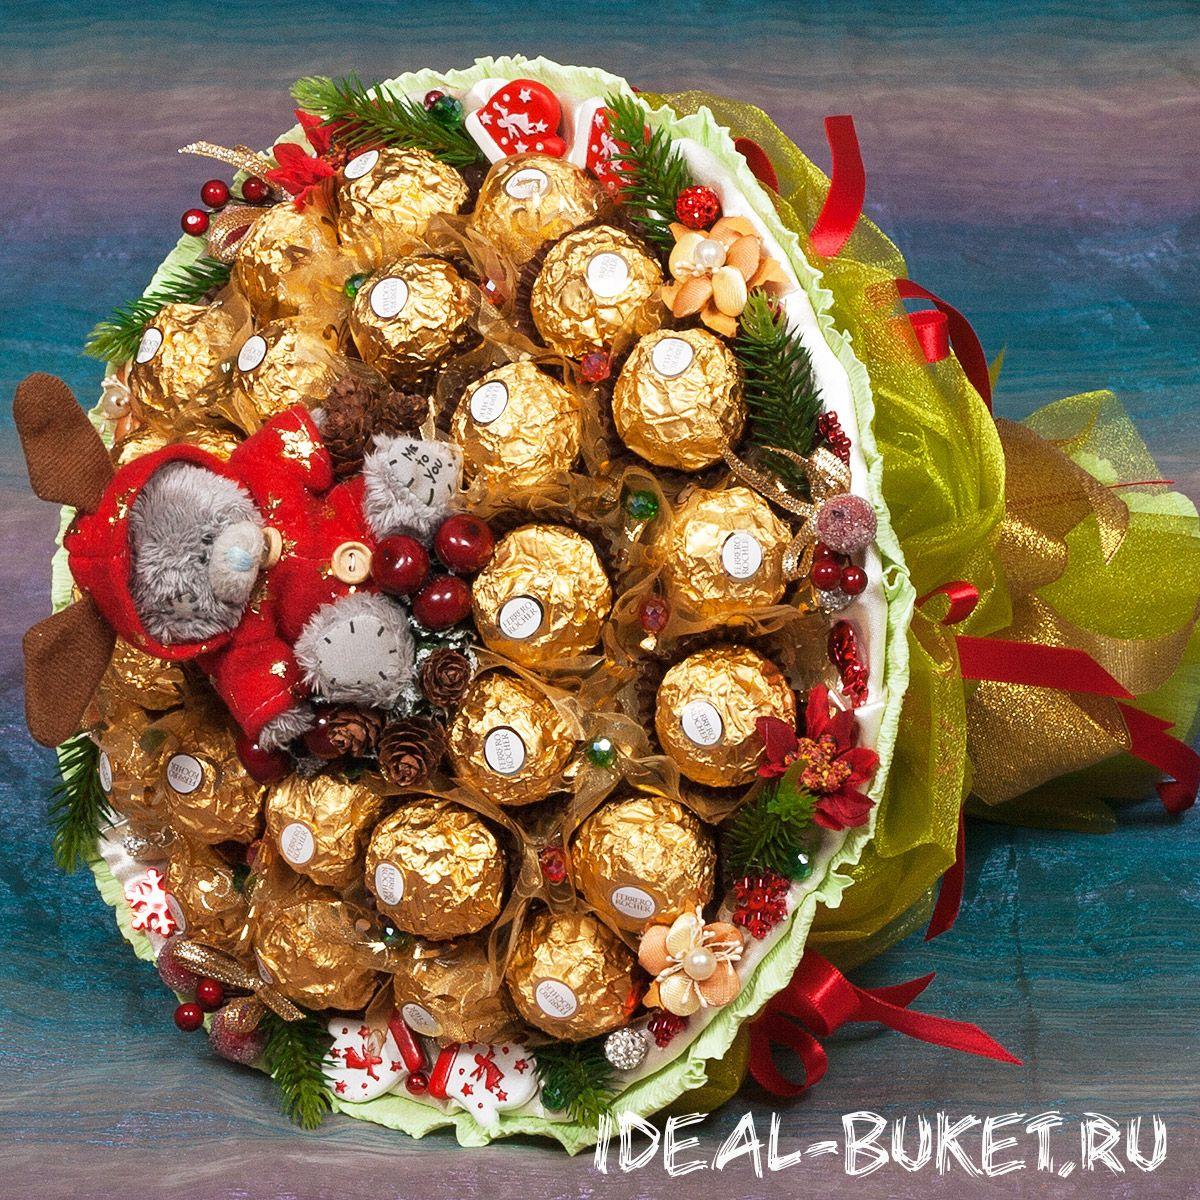 Букет, оформление букет на новый год из конфетки